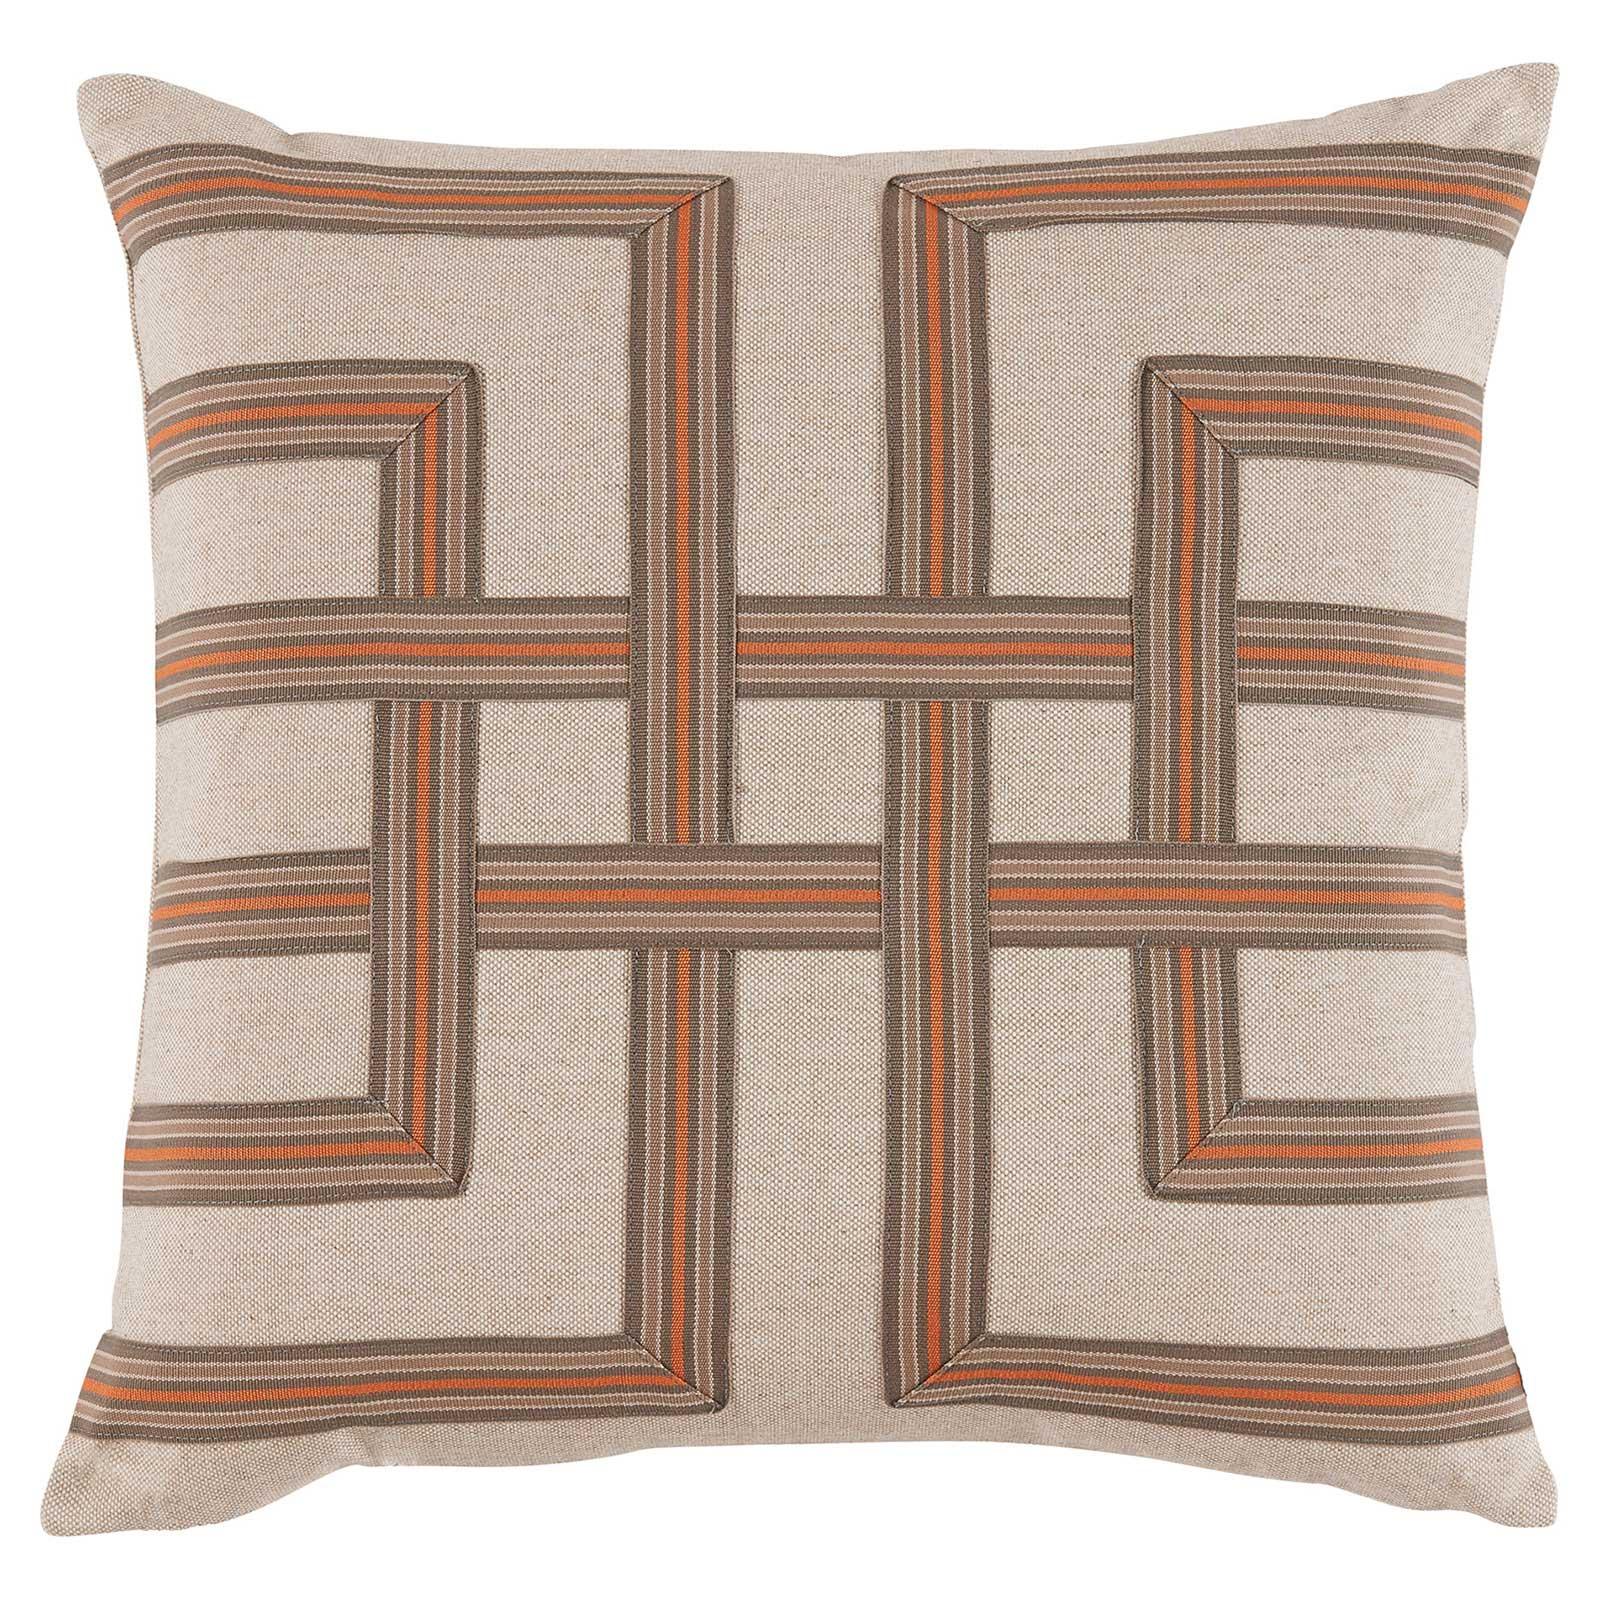 Kelso Modern Orange Weave White Linen Pillow - 22x22